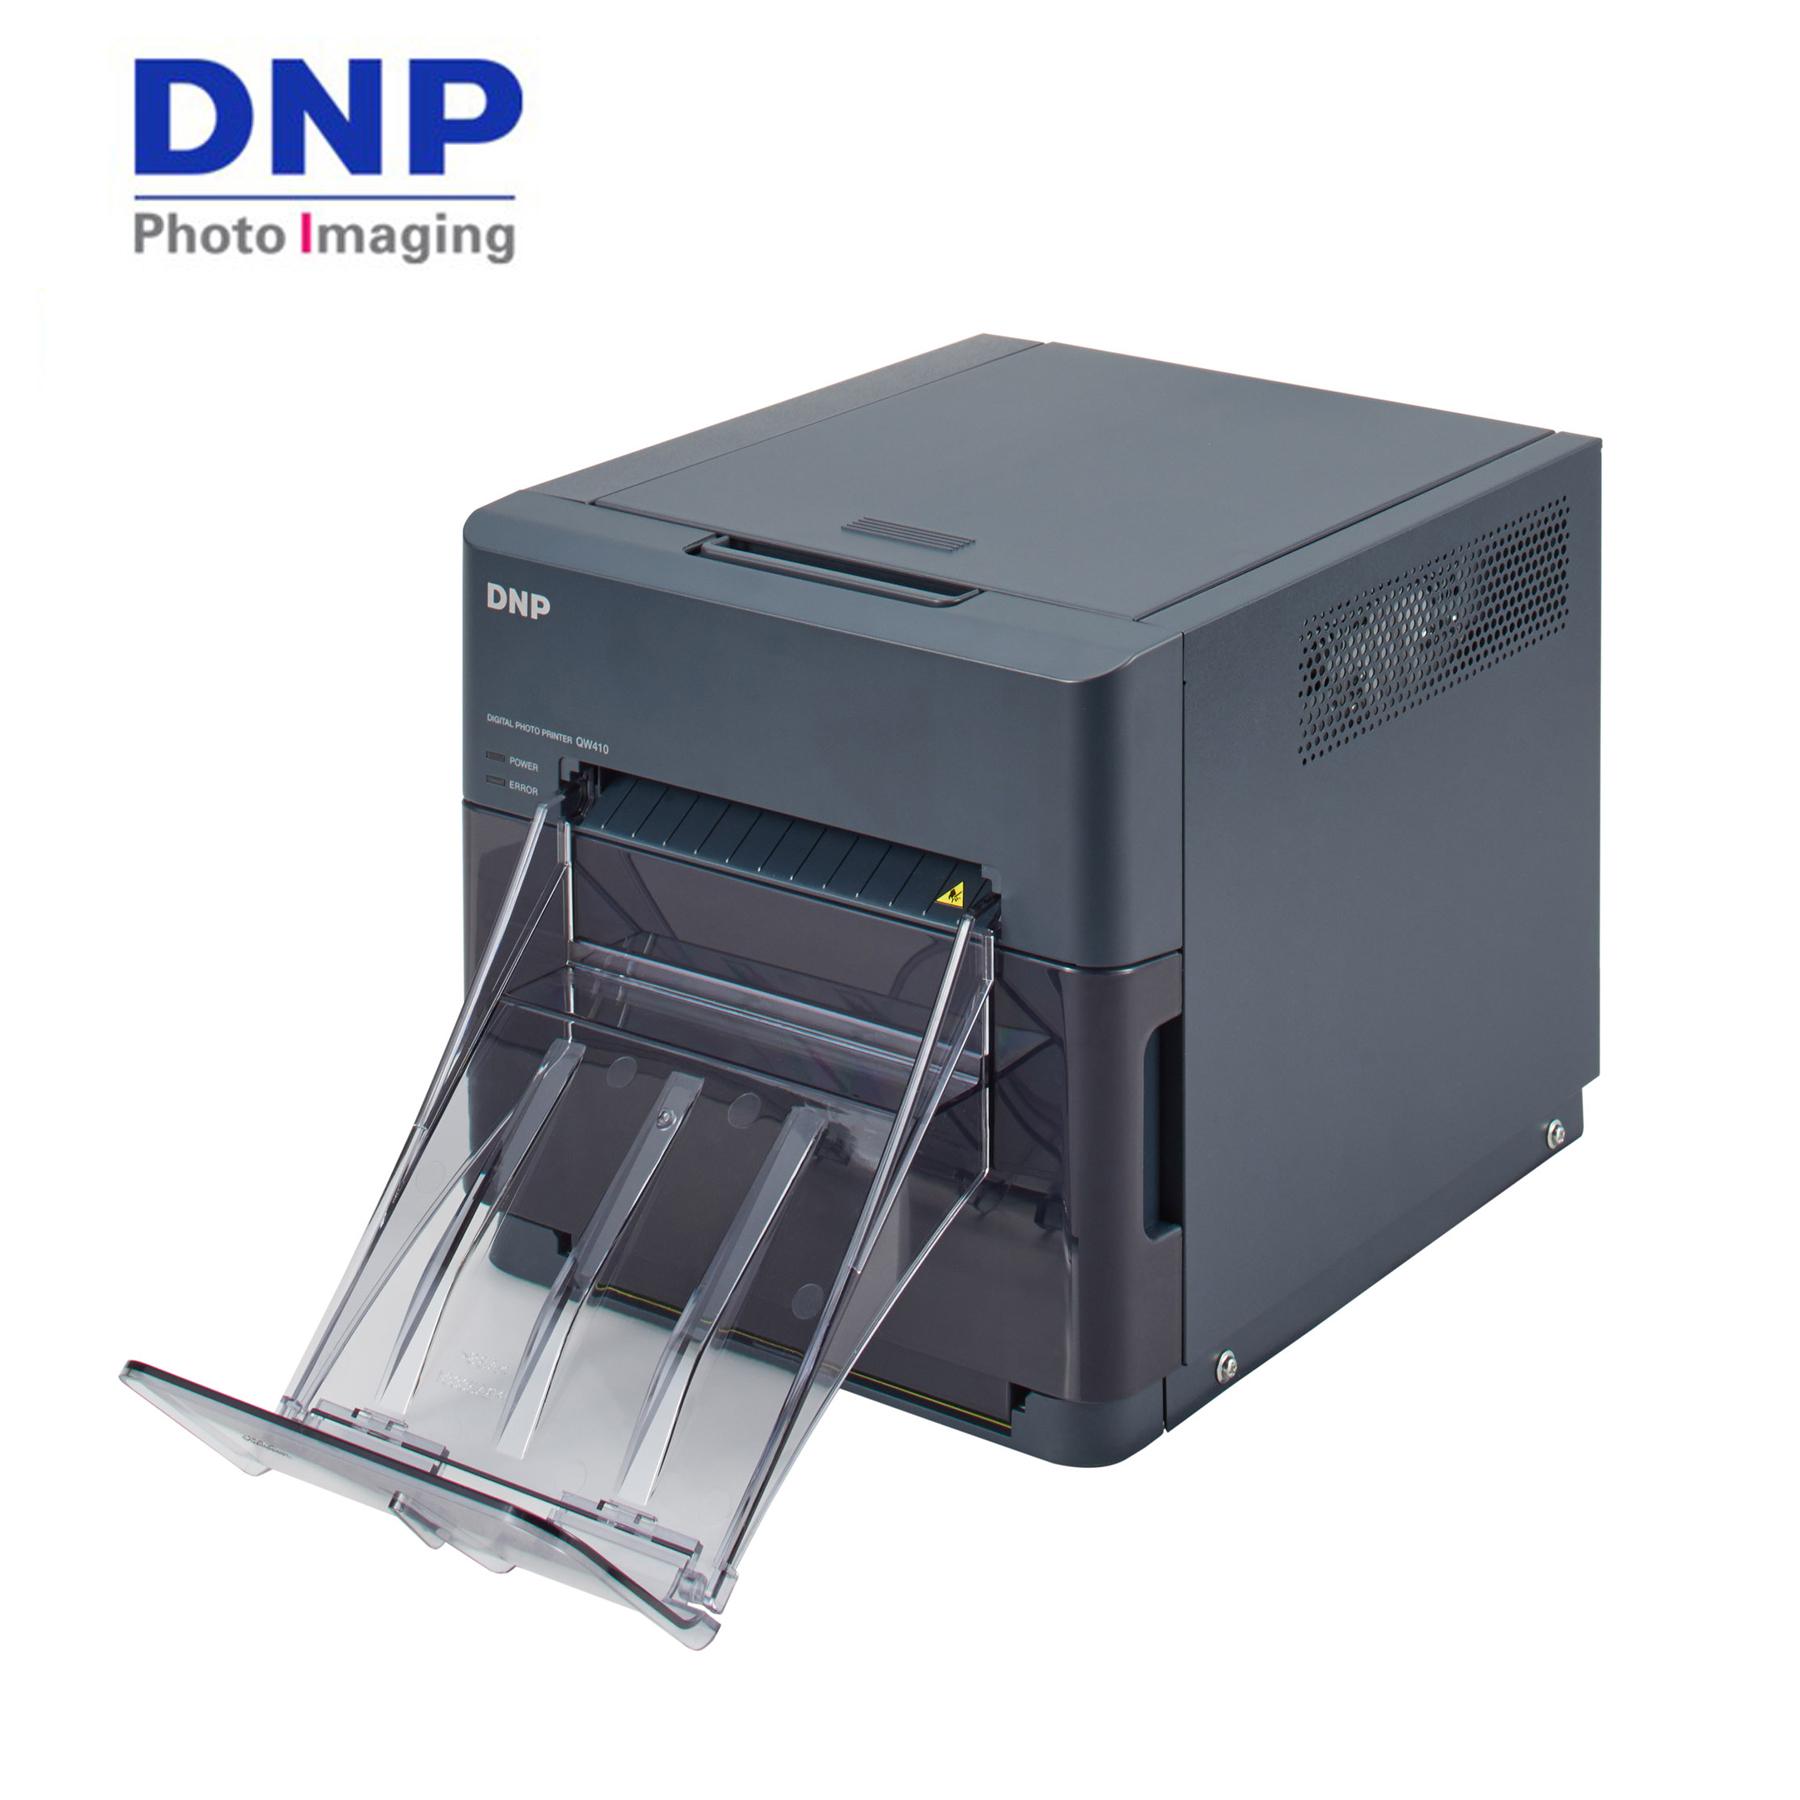 DNP QW410 Printer